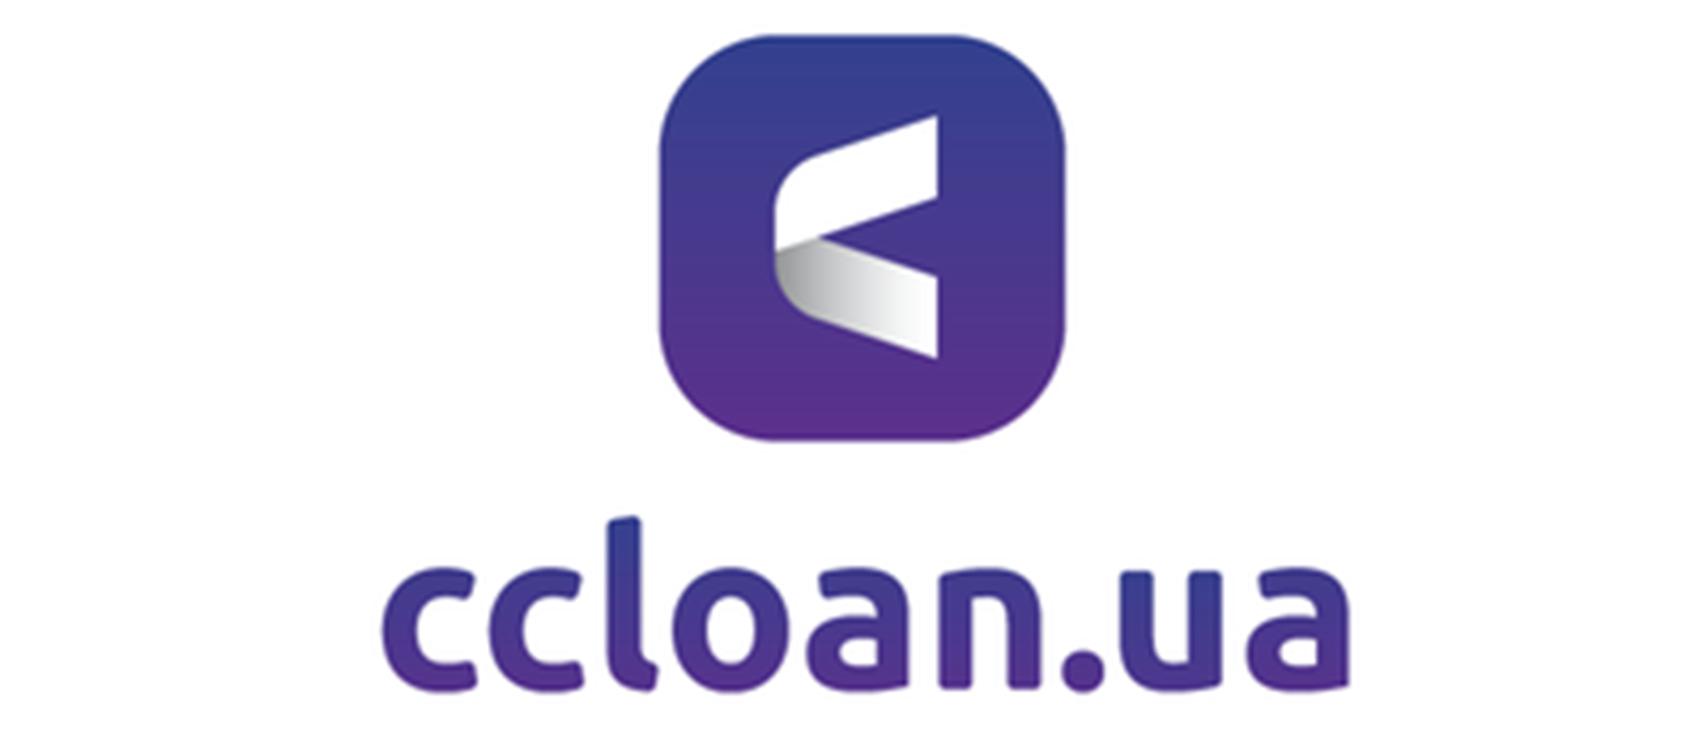 Ccloan  (Пролонгація кредиту)